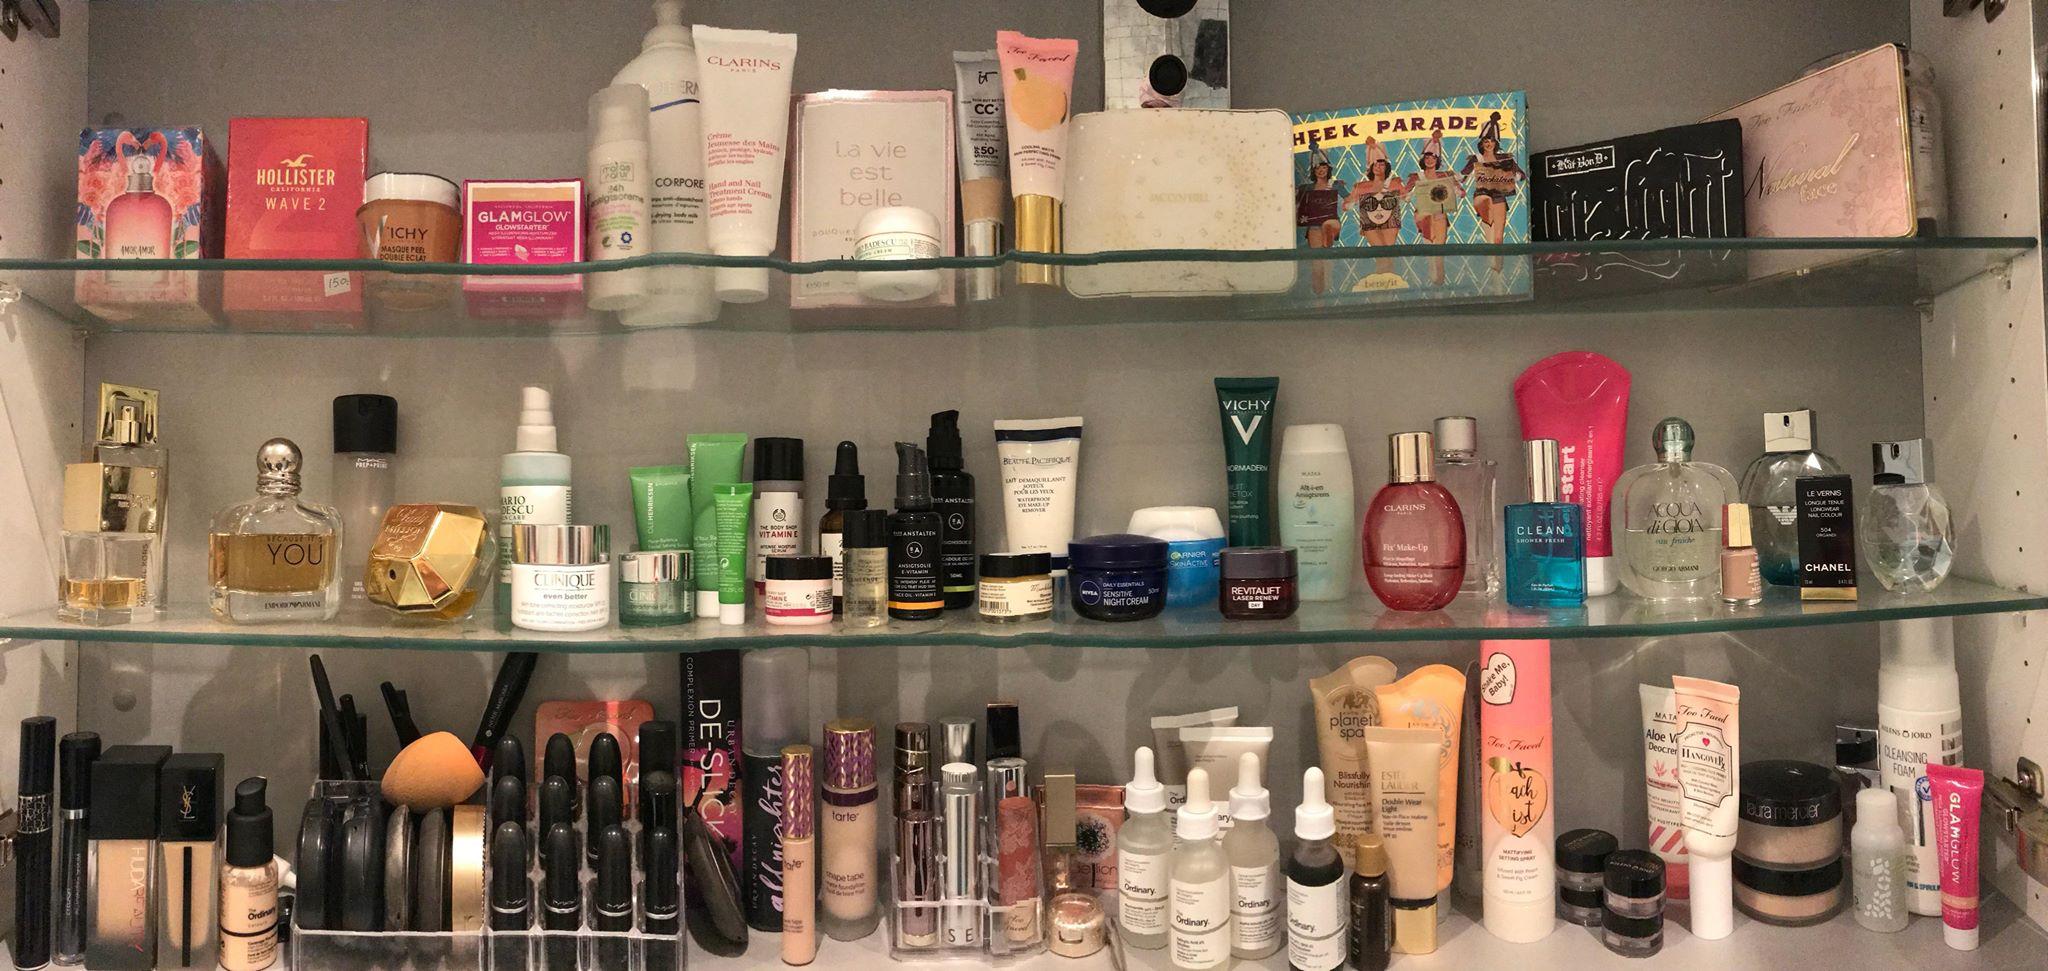 beautyprodukter, samling, indkøb, shopping, skønhed, skønhedsprodukter, beautyblogger, parfume, makeup, creme, råd, organisering